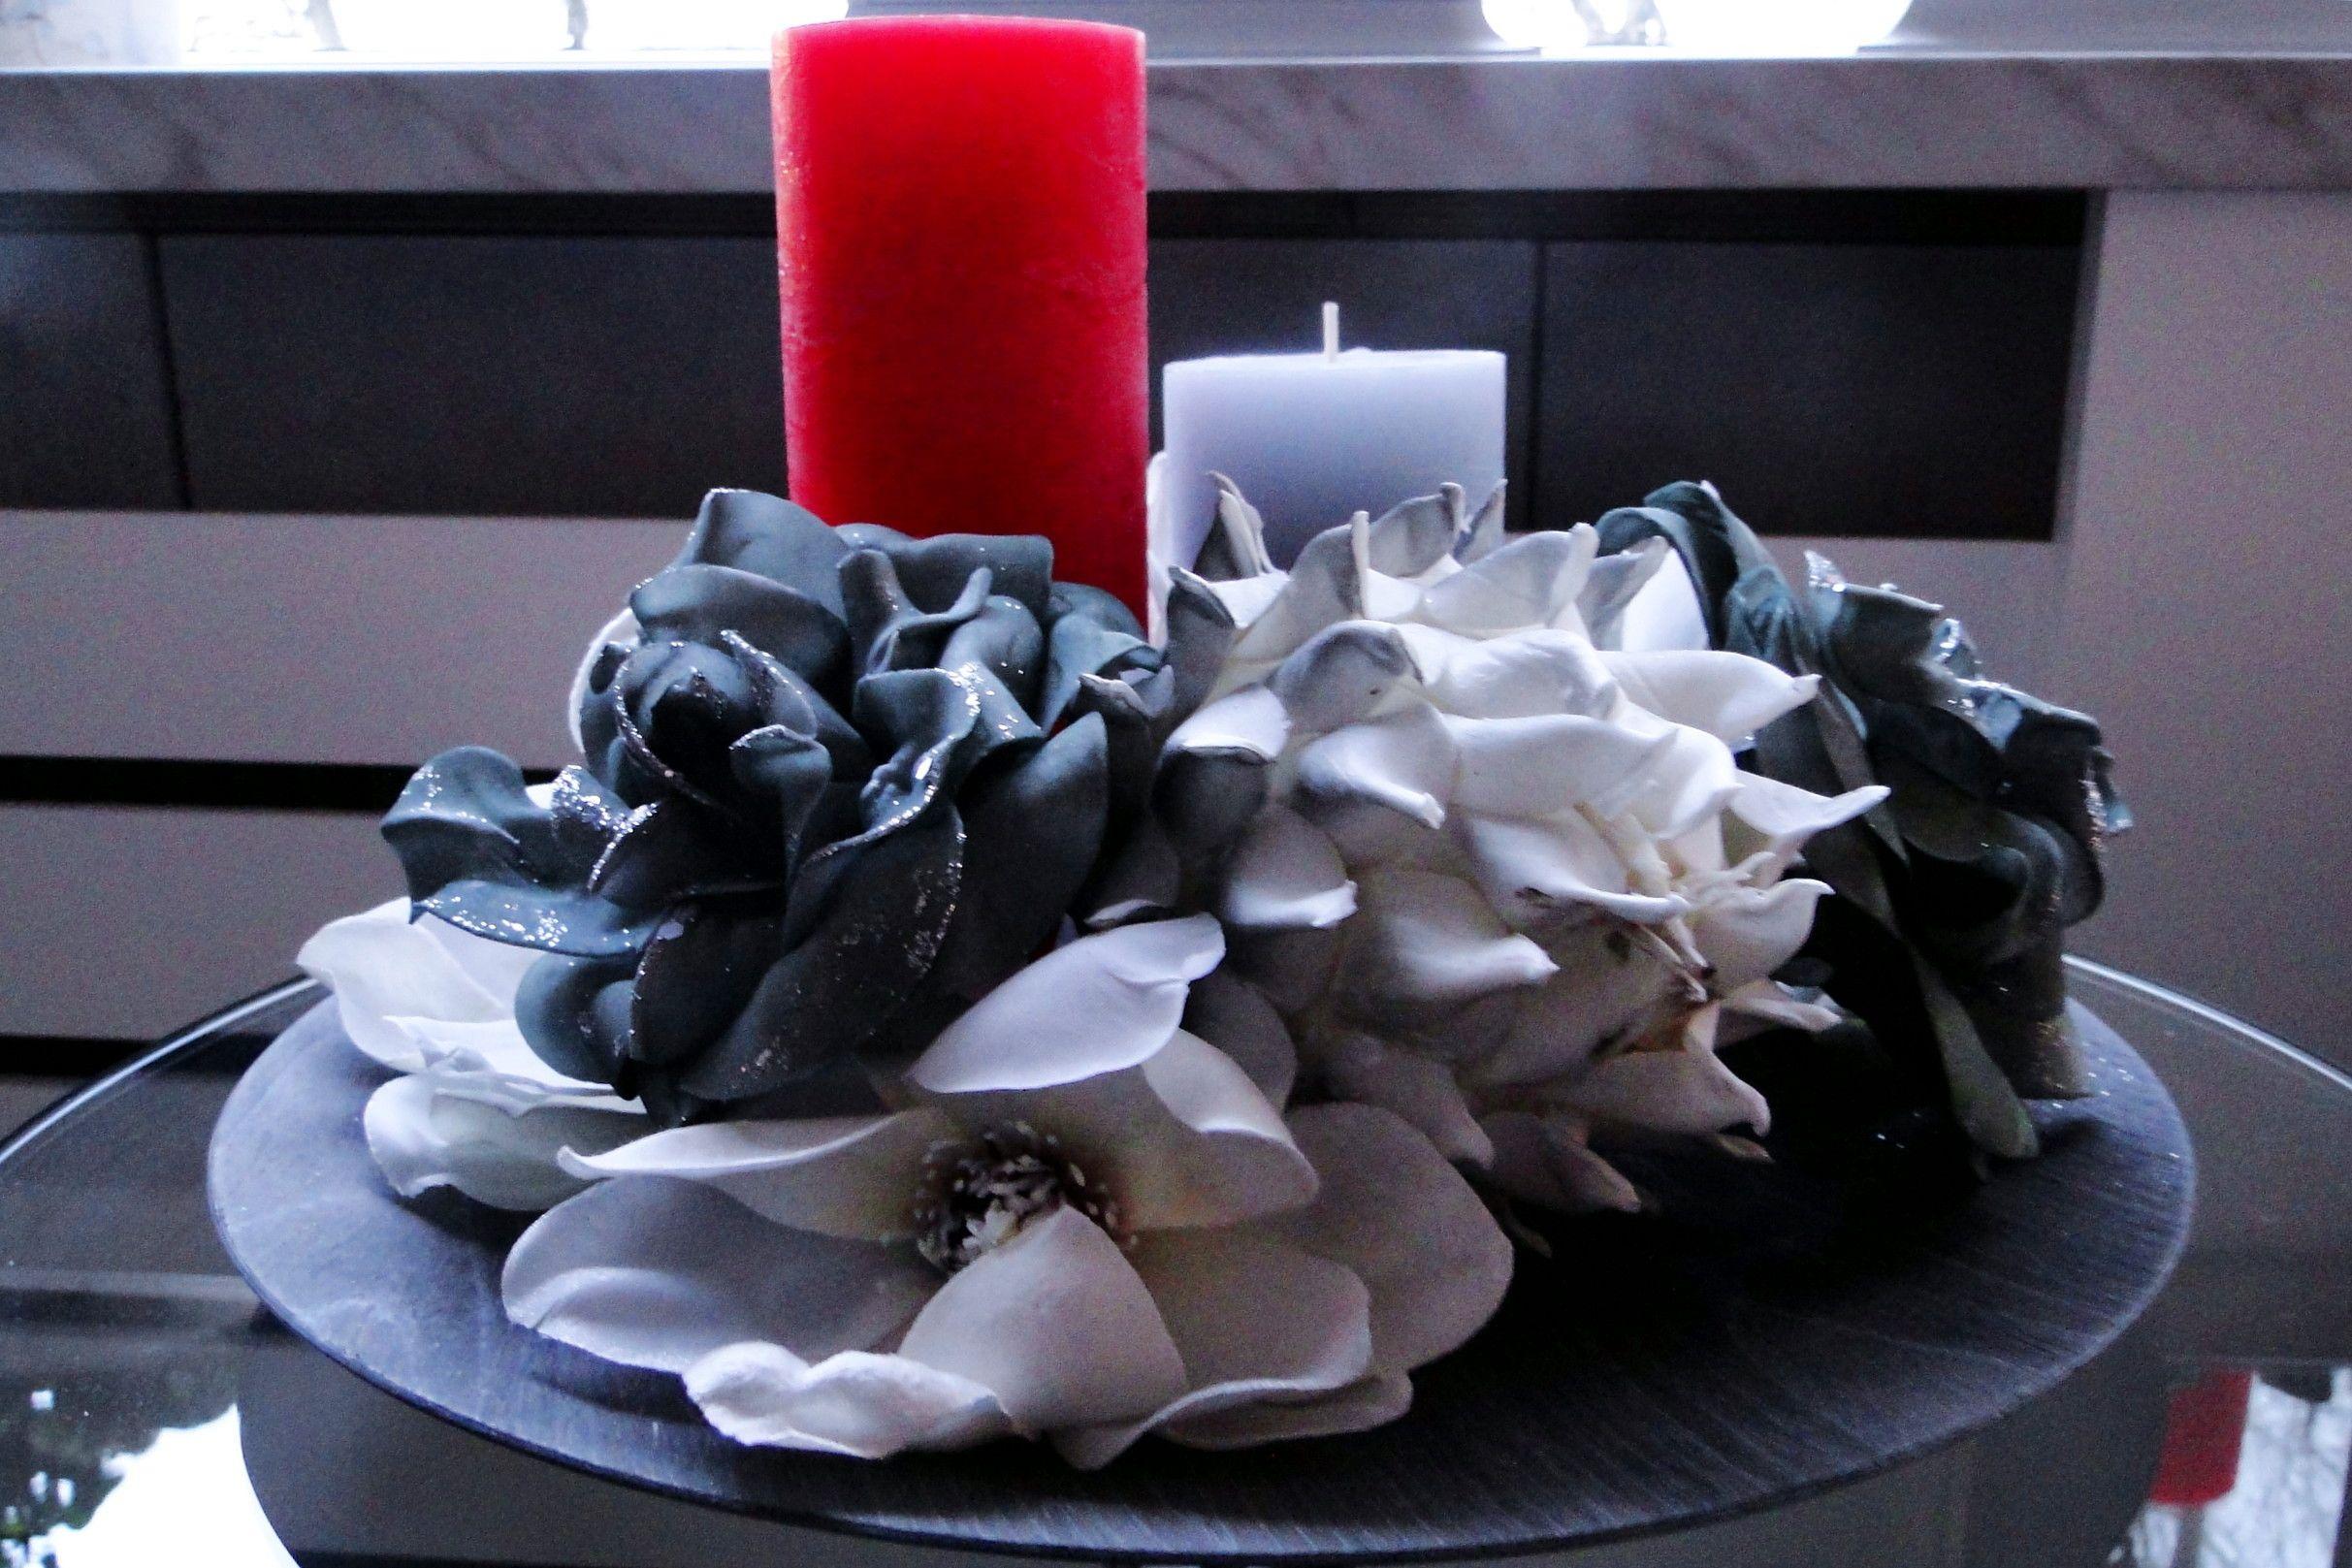 Opgemaakt met kunstbloemen en kaarsen